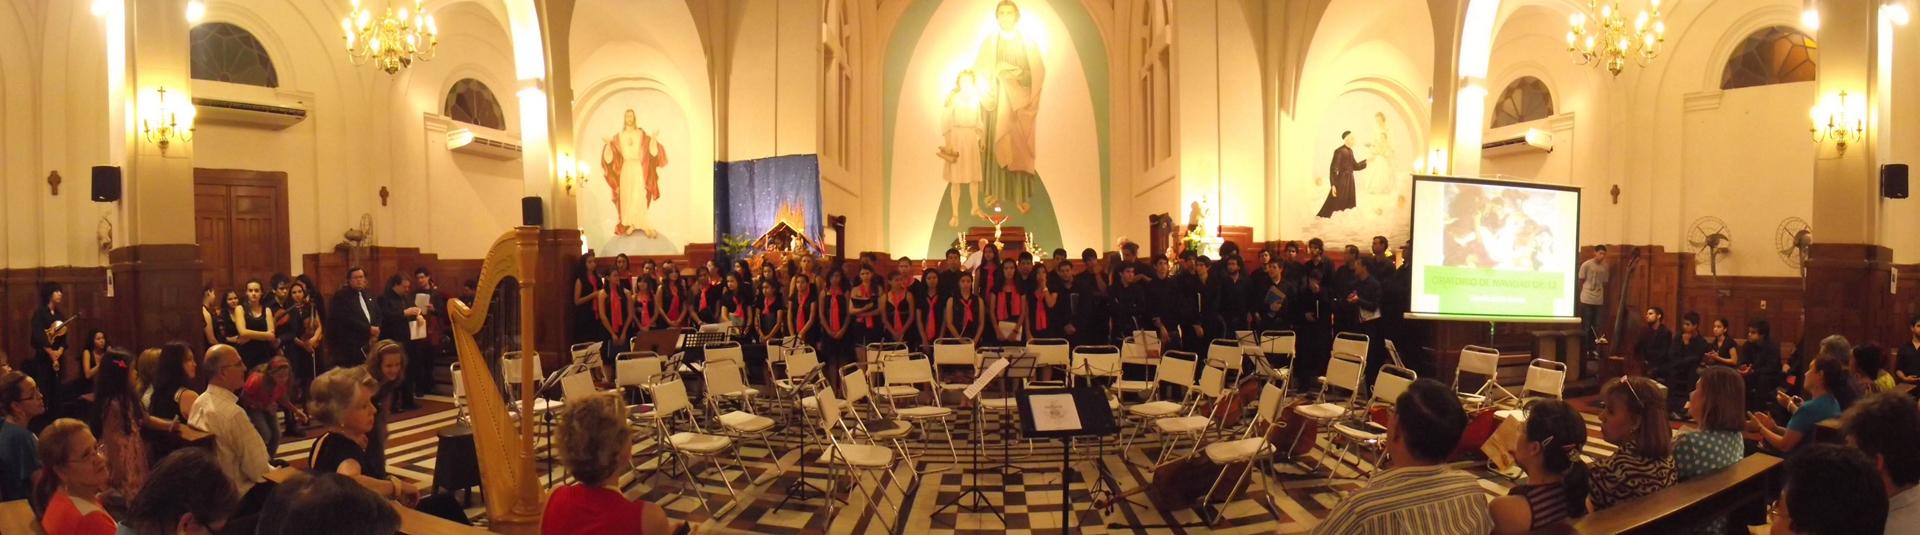 """El Conservatorio Municipal de Música """"CIUDAD DE LUQUE"""" promocionará el cultivo de habilidades artísticos musicales."""